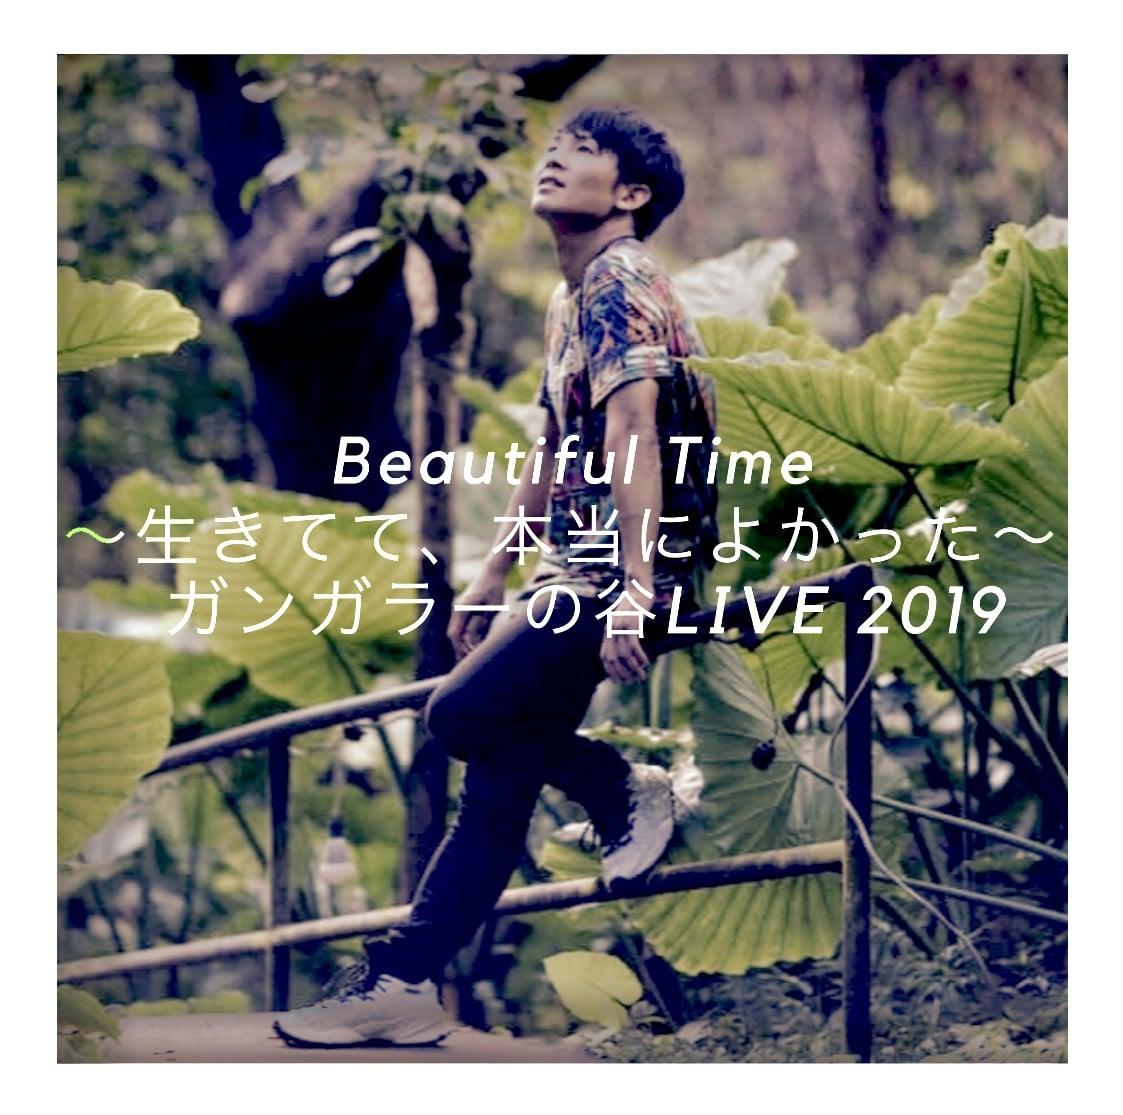 2019/12/14  Beautiful Time  〜生きてて、本当によかった〜   ガンガラーの谷LIVEのイメージその1